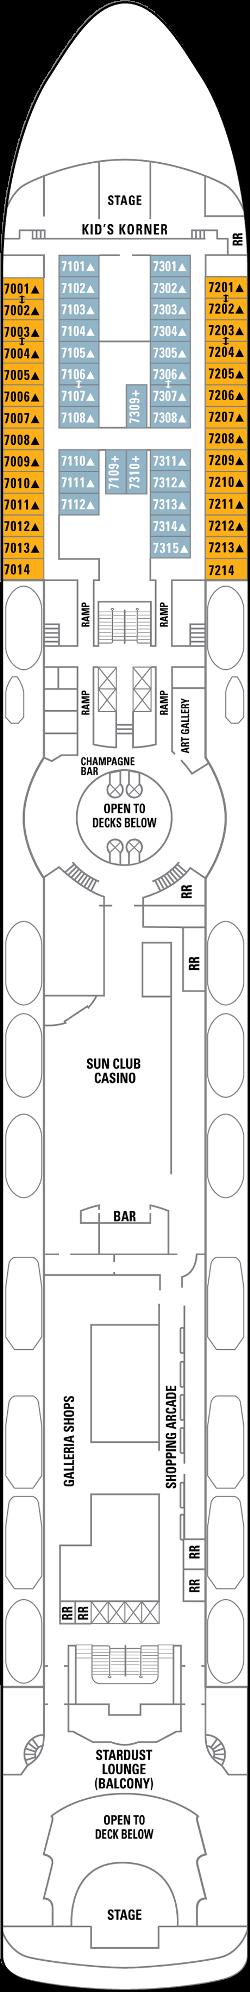 Norwegian Sun Deck 7: Deck 7